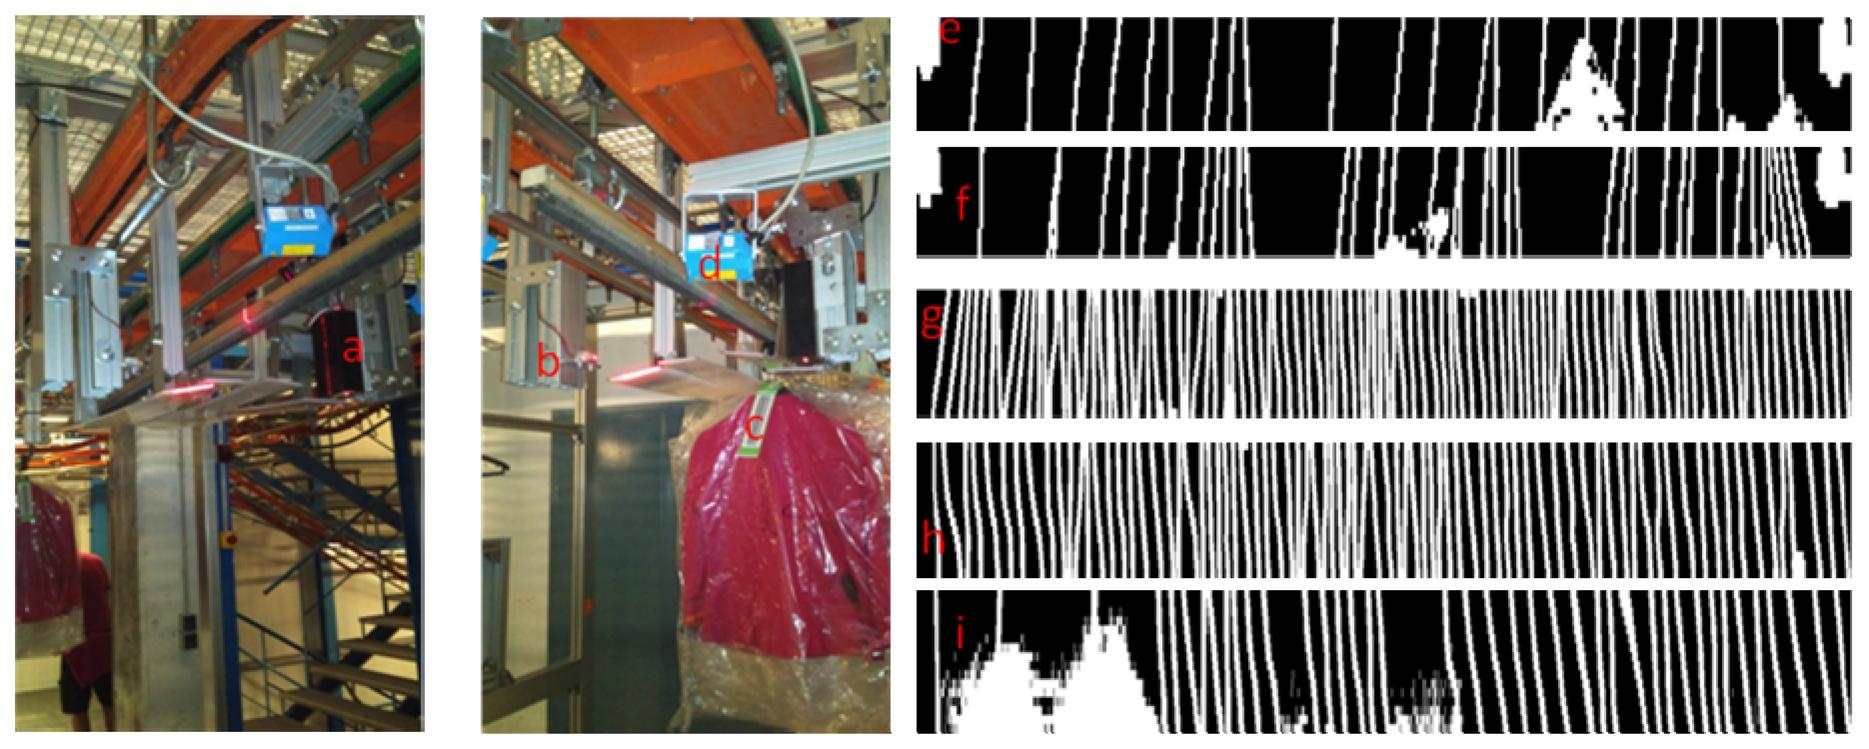 cmos image sensor fill factor 5IVMXal